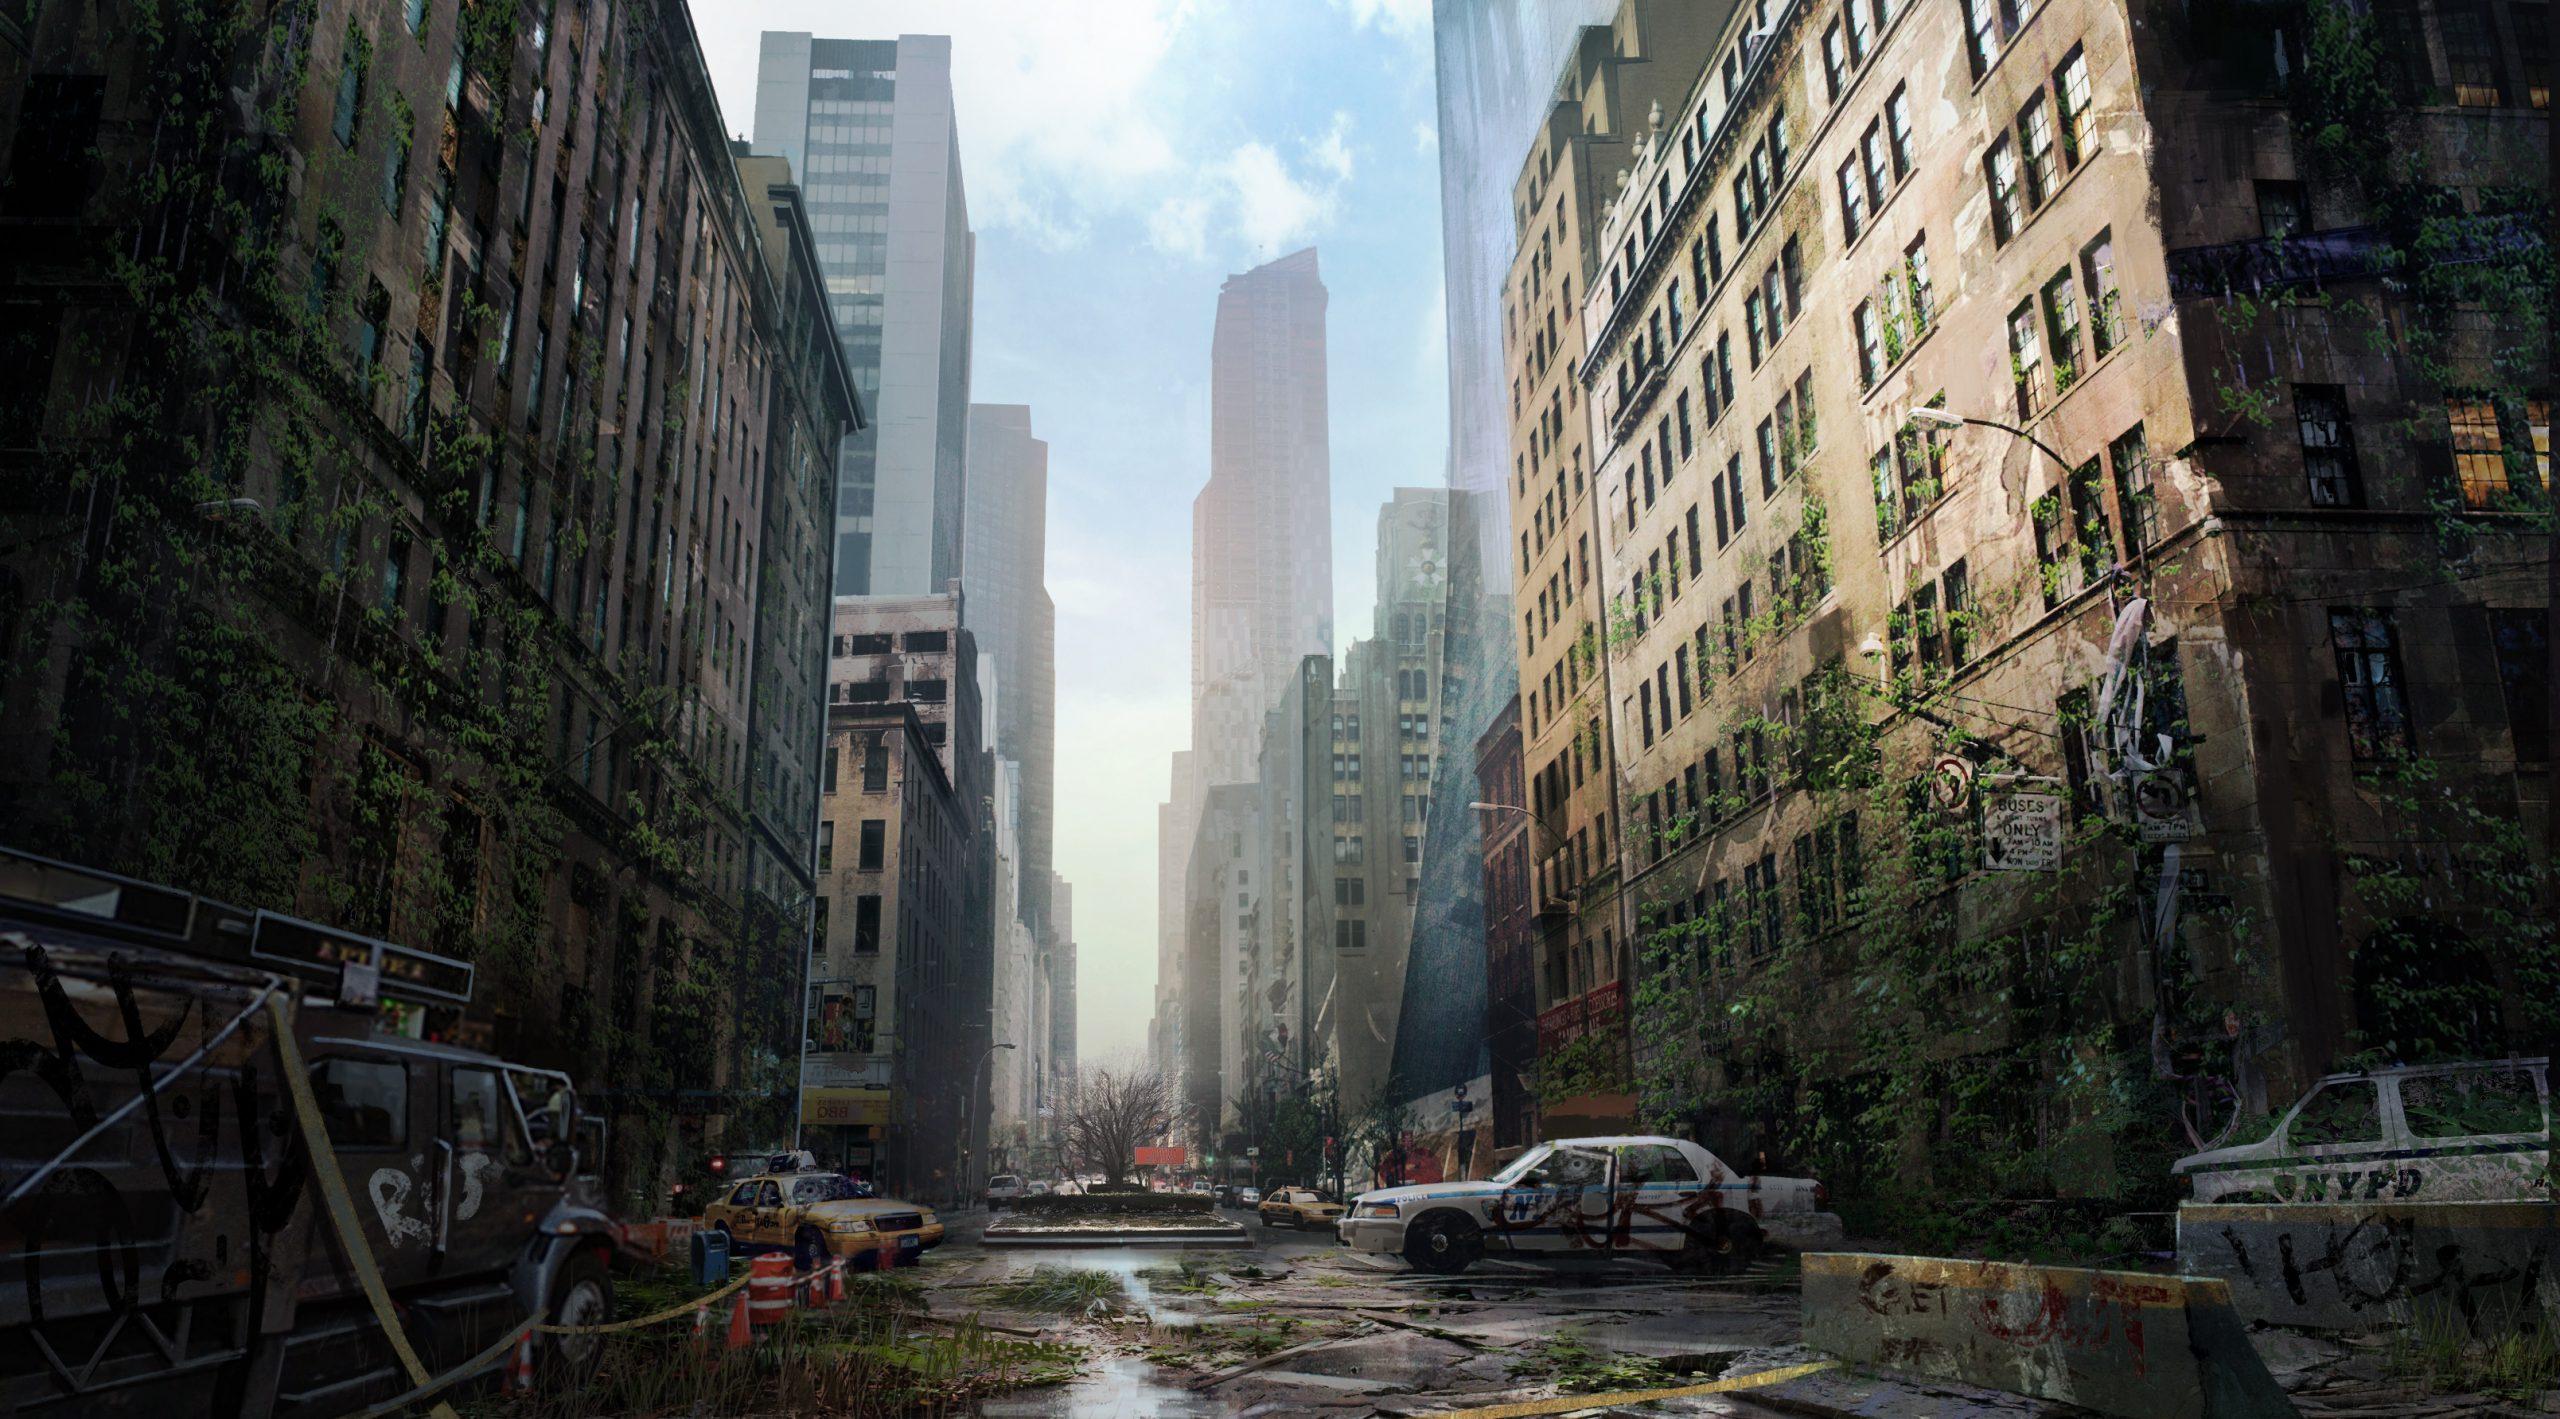 NY Apocalypse by Giao Nguyen (gvio)